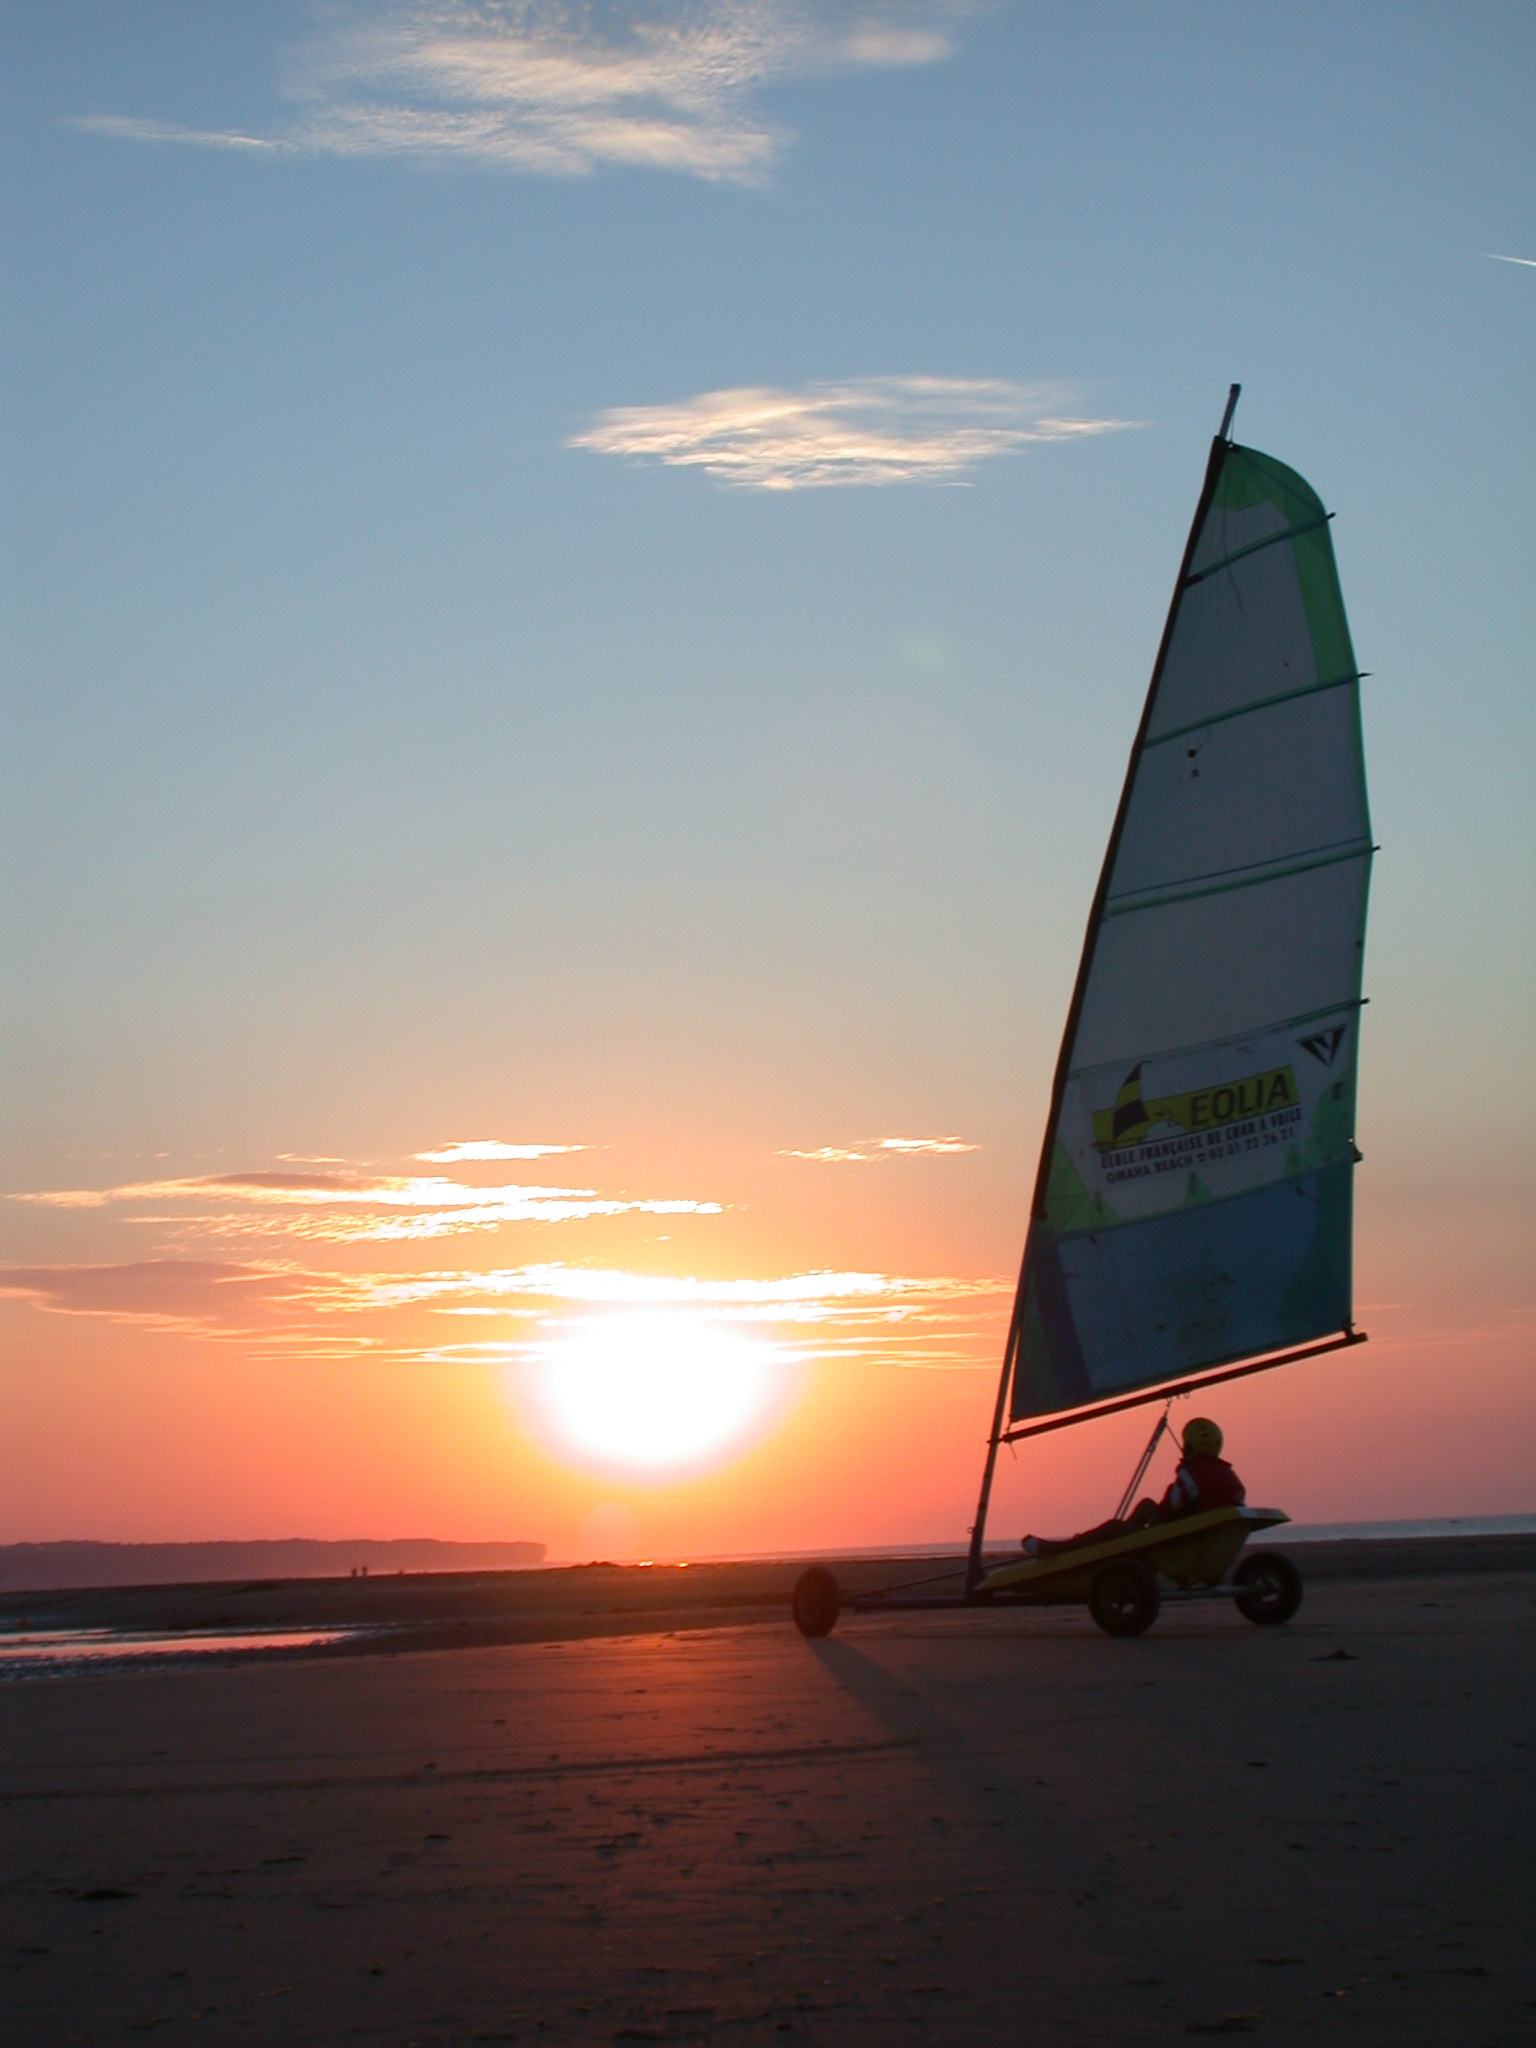 sailing land skeeler sail sunset beach speed sports